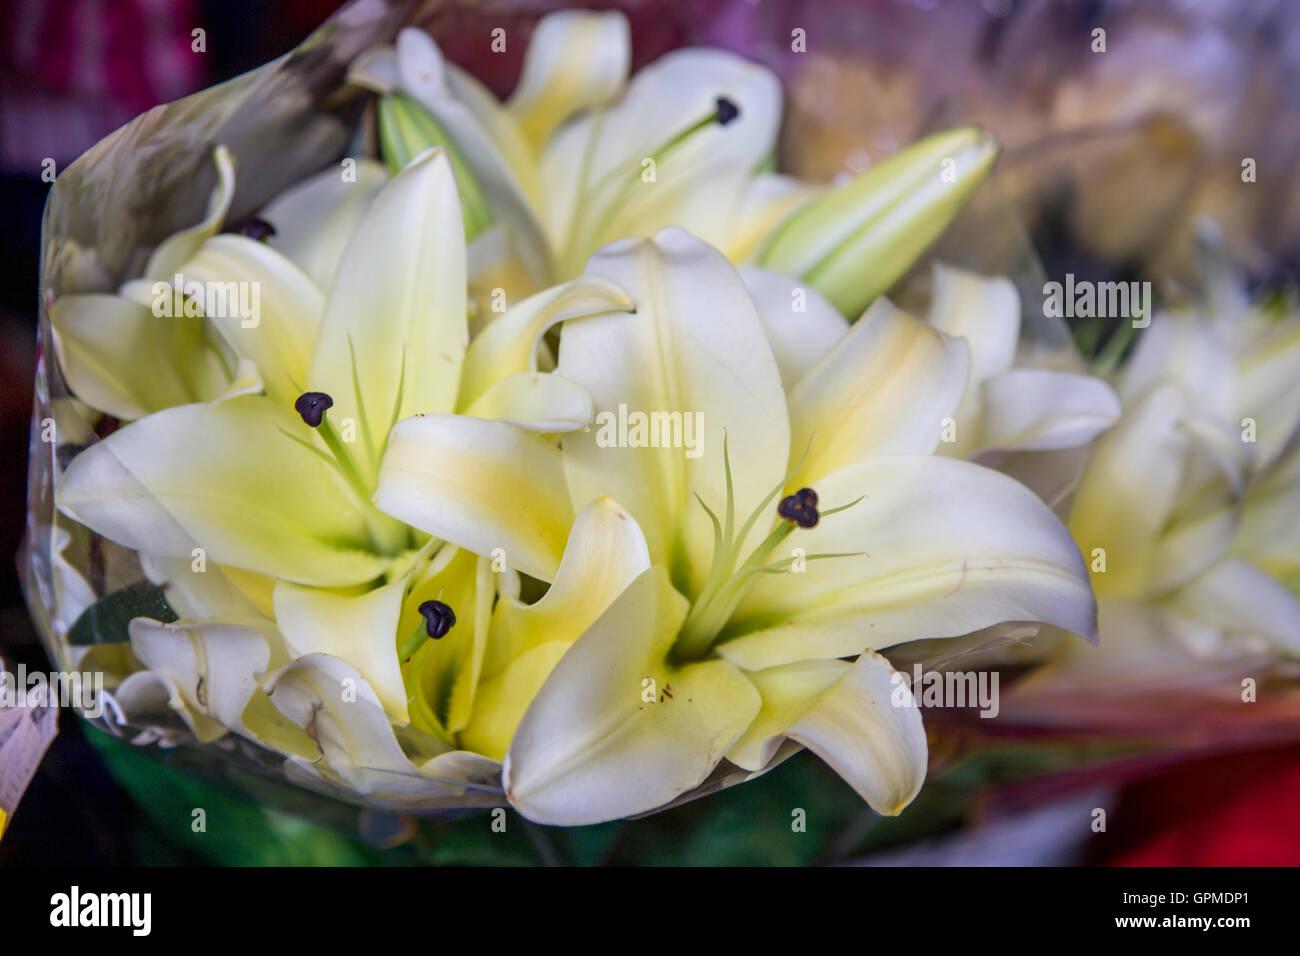 White Yellow Tropical Flowers Stock Photos White Yellow Tropical